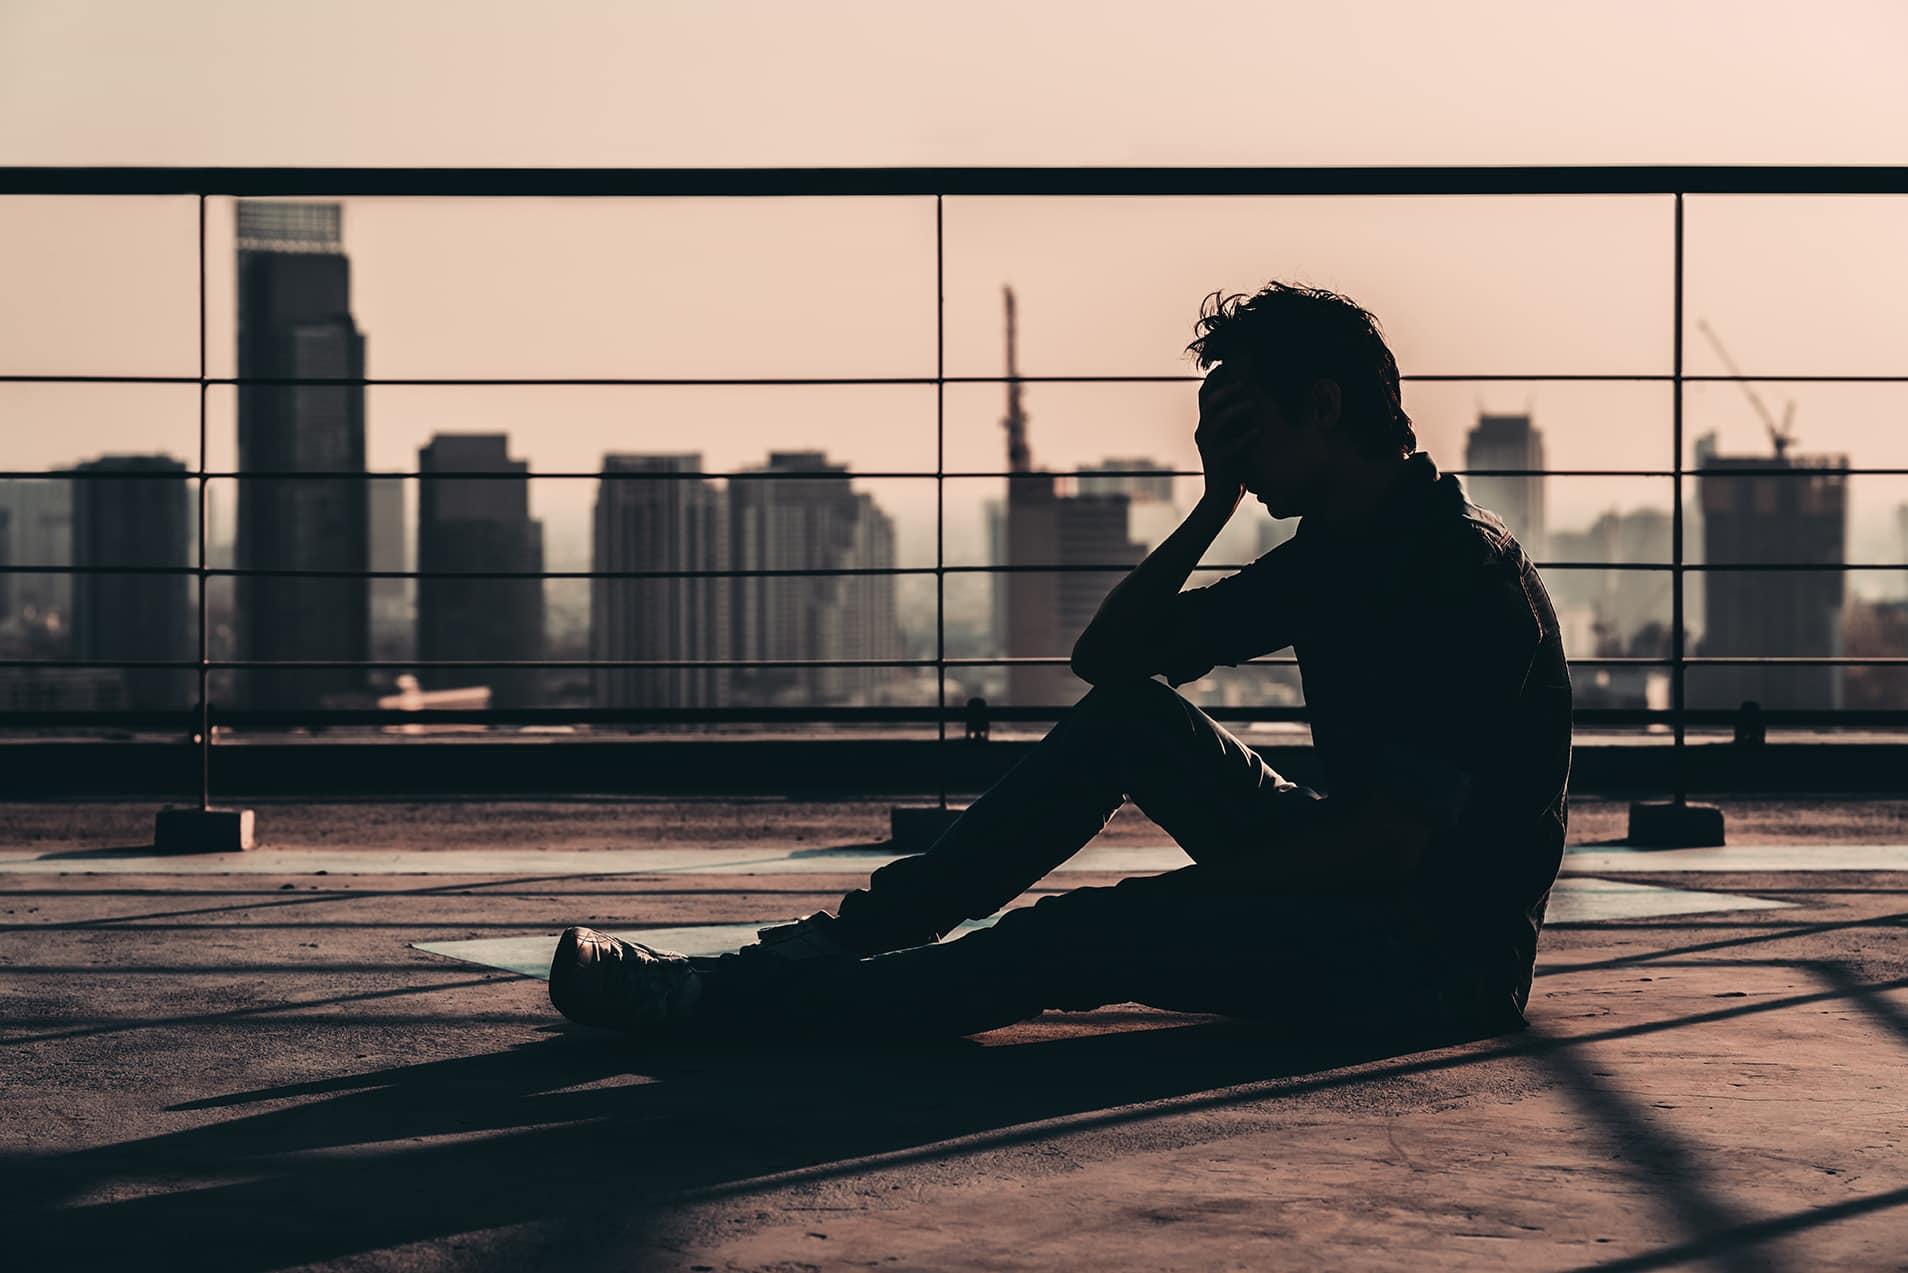 Потепление в Северной Америке связали с депрессией и суицидами